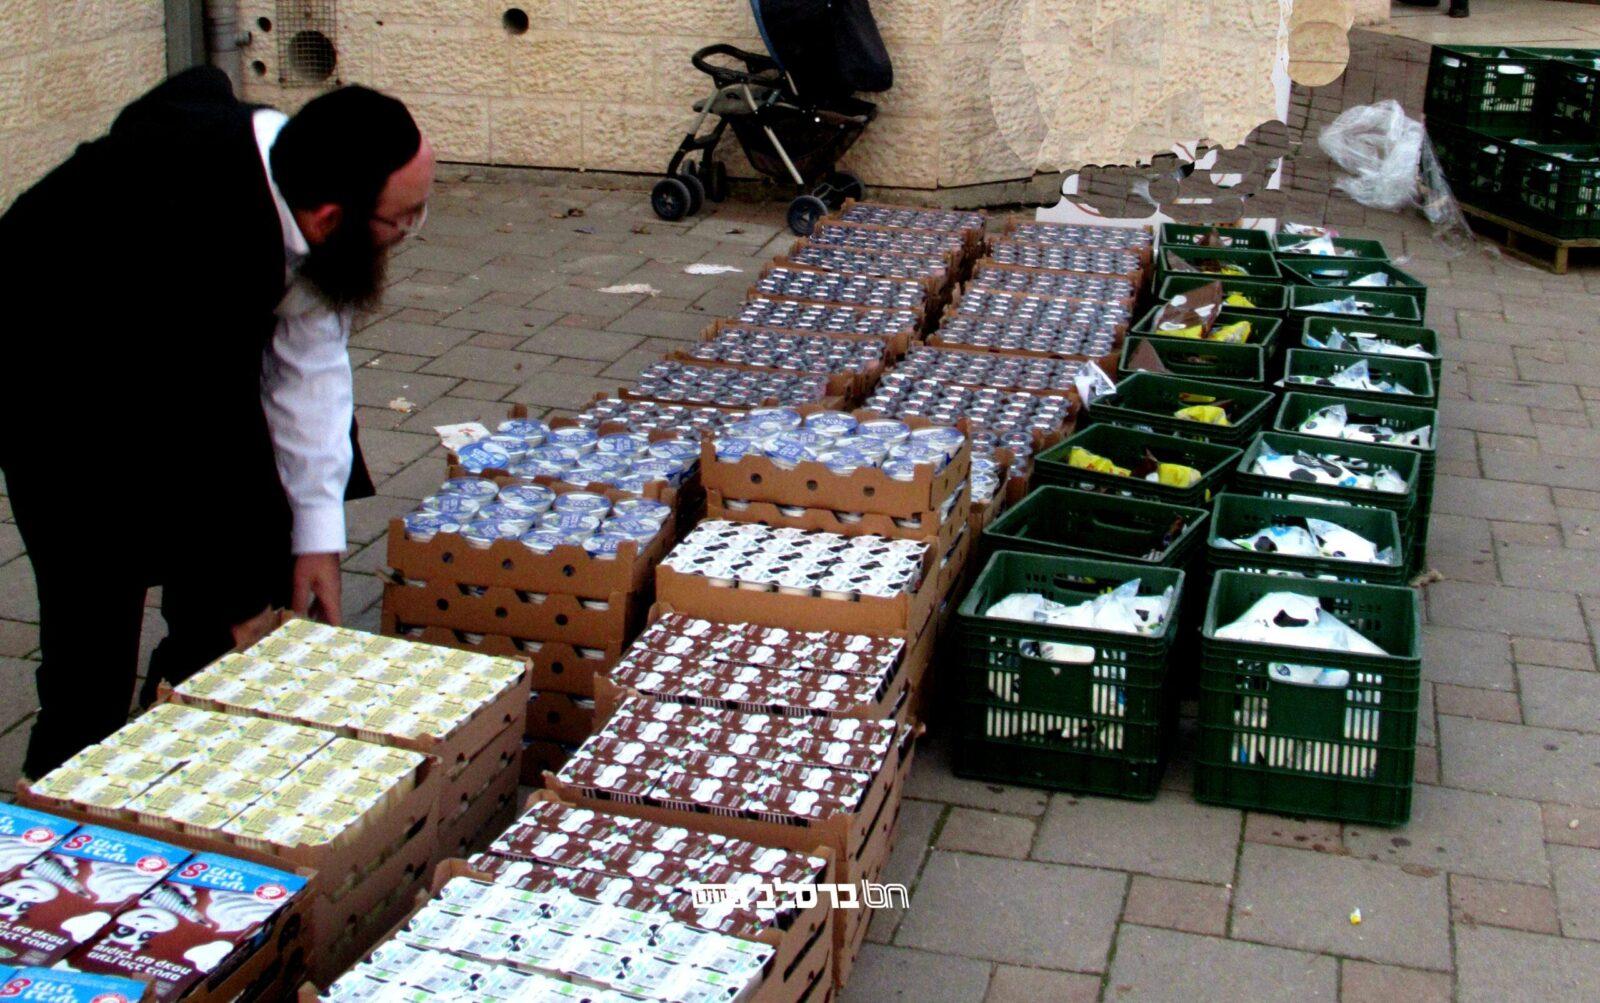 קופת החסד • לקראת ימי החנוכה יצאו במכירת ענק של מוצרי חלב, מסובסדת